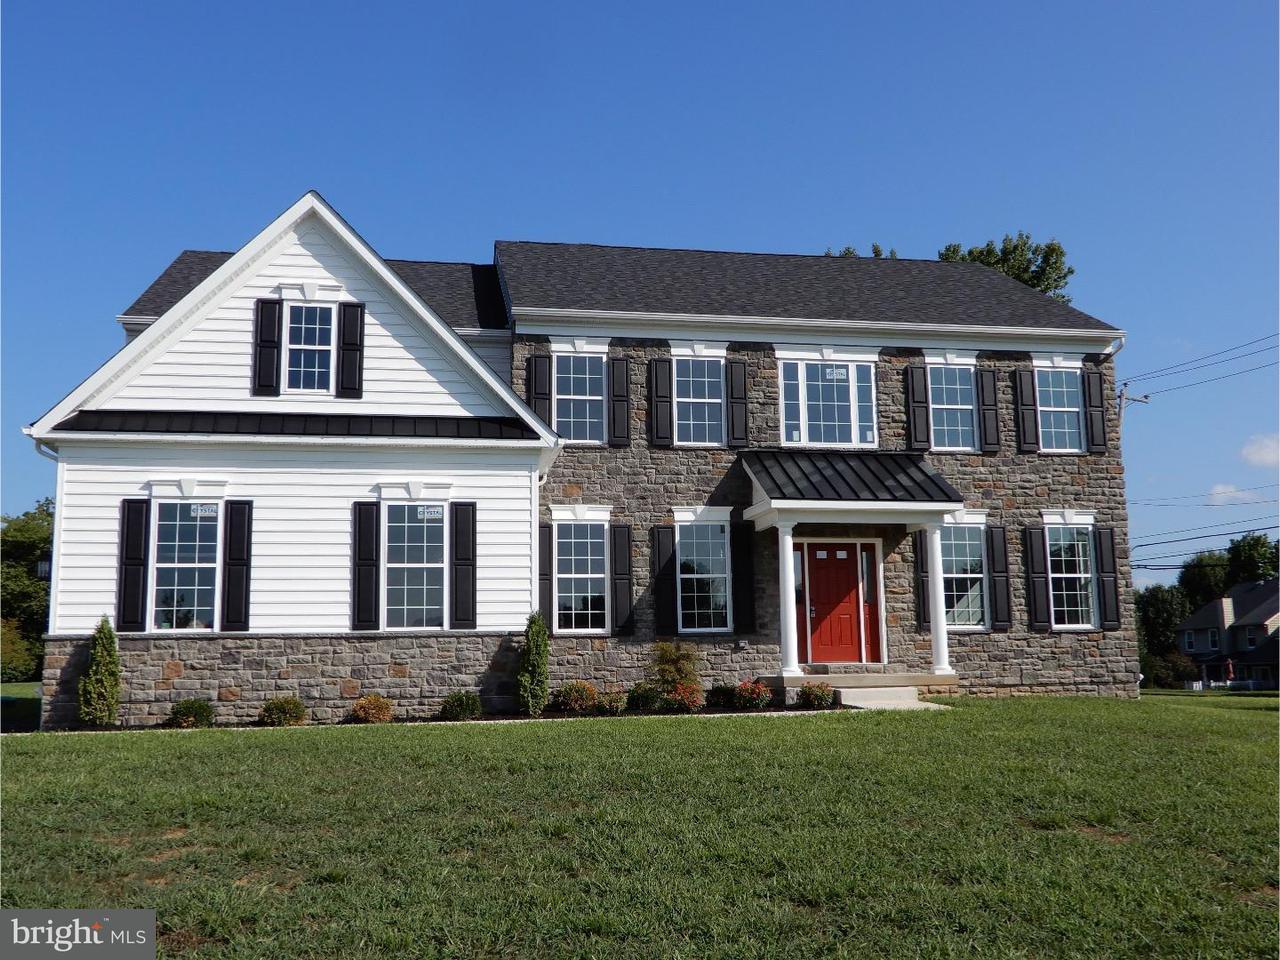 独户住宅 为 销售 在 3 QUINN CR 霍兰德, 宾夕法尼亚州 18966 美国